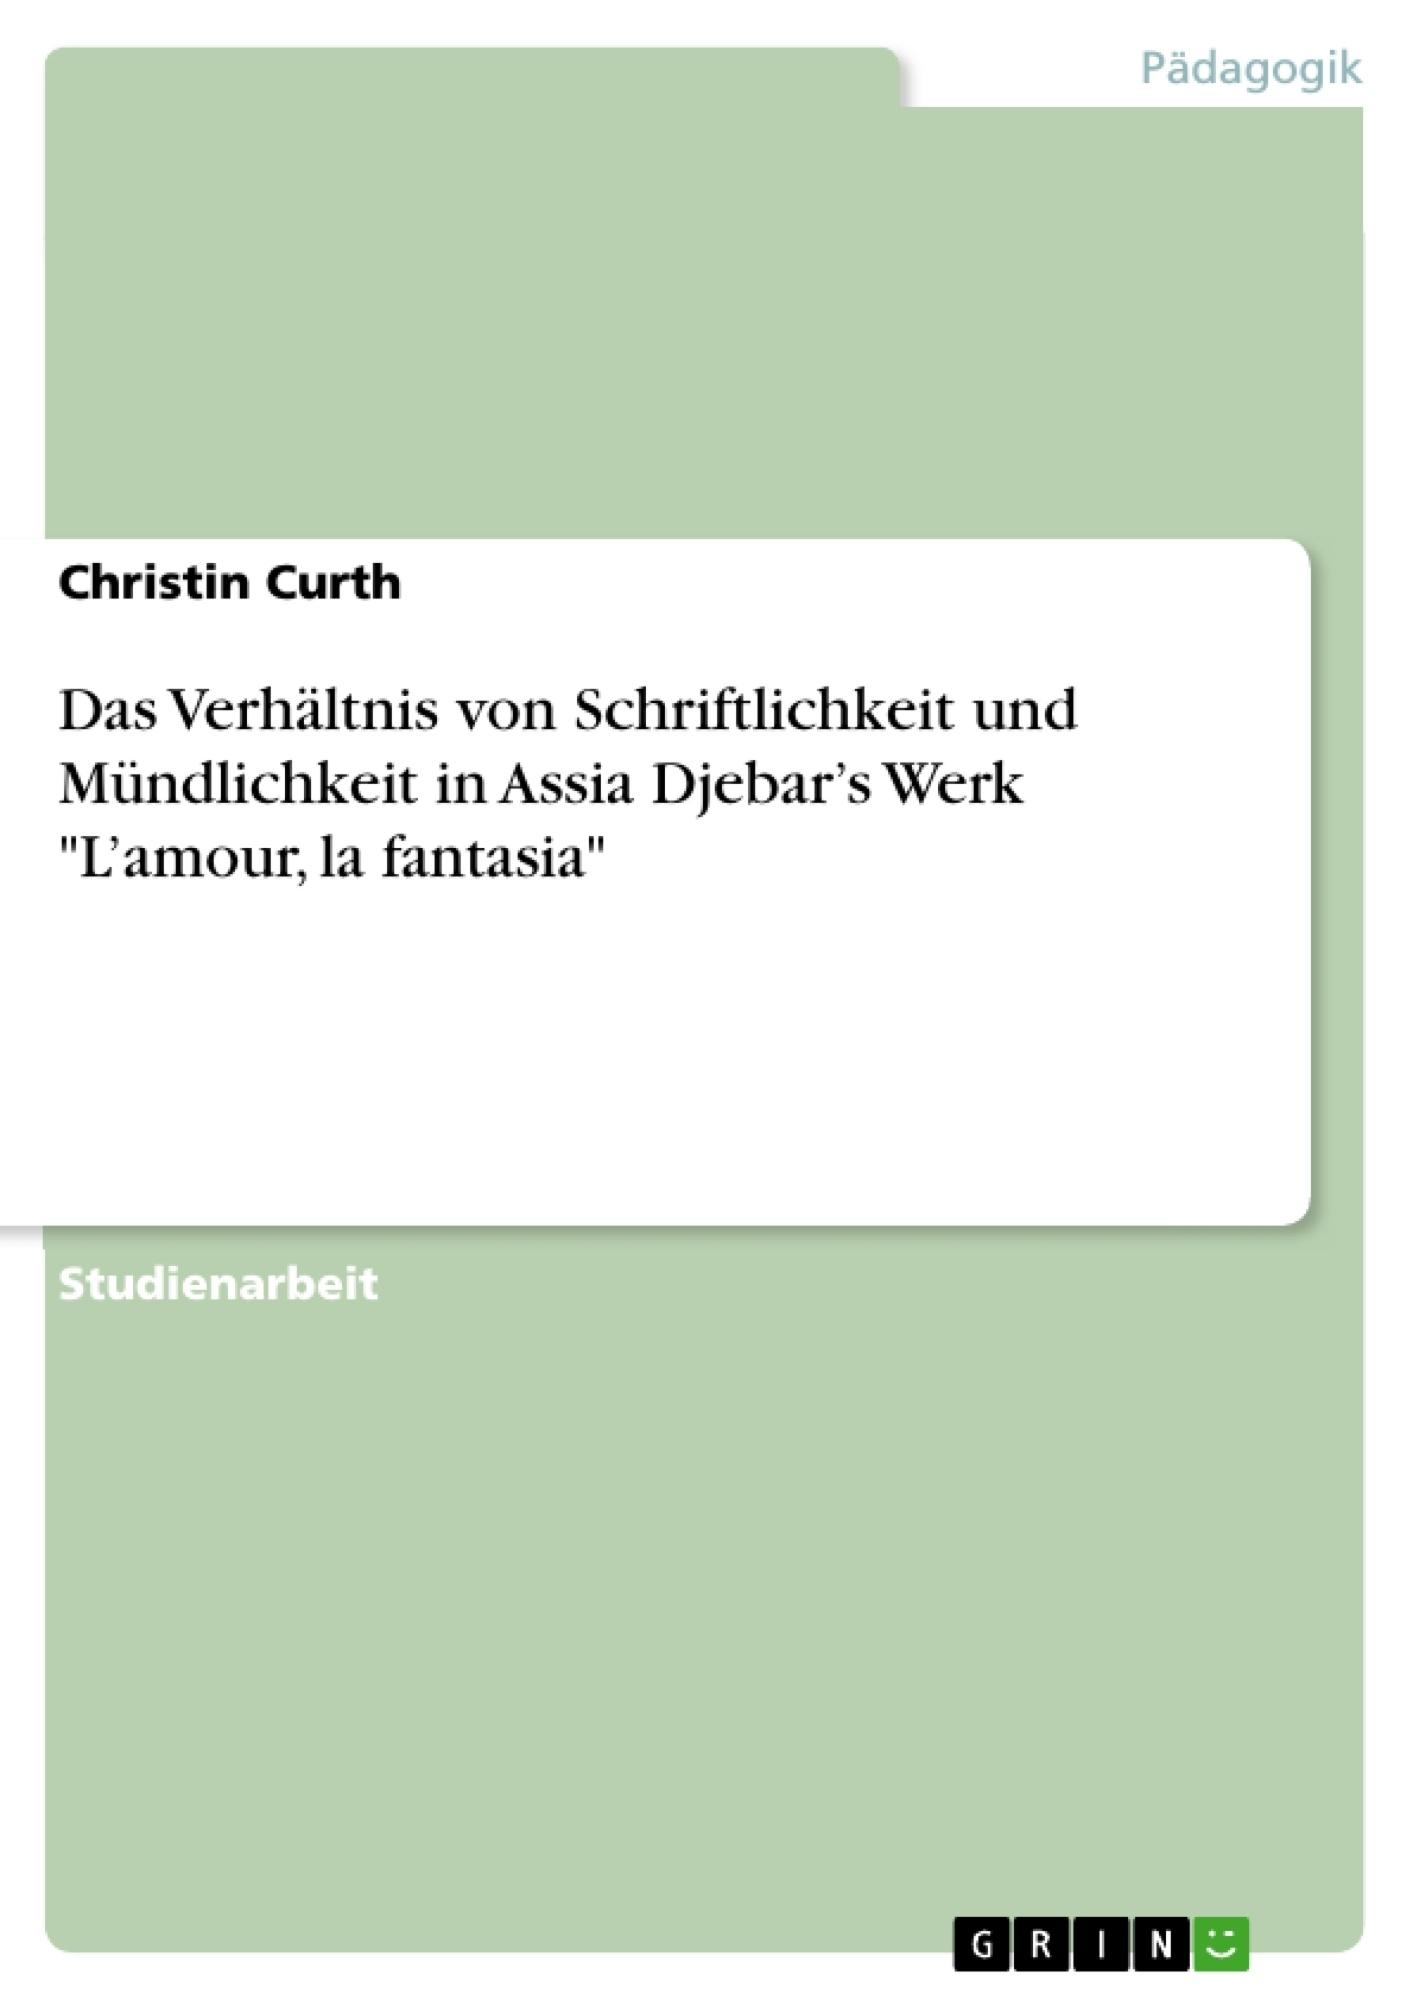 """Titel: Das Verhältnis von Schriftlichkeit und Mündlichkeit in Assia Djebar's Werk """"L'amour, la fantasia"""""""